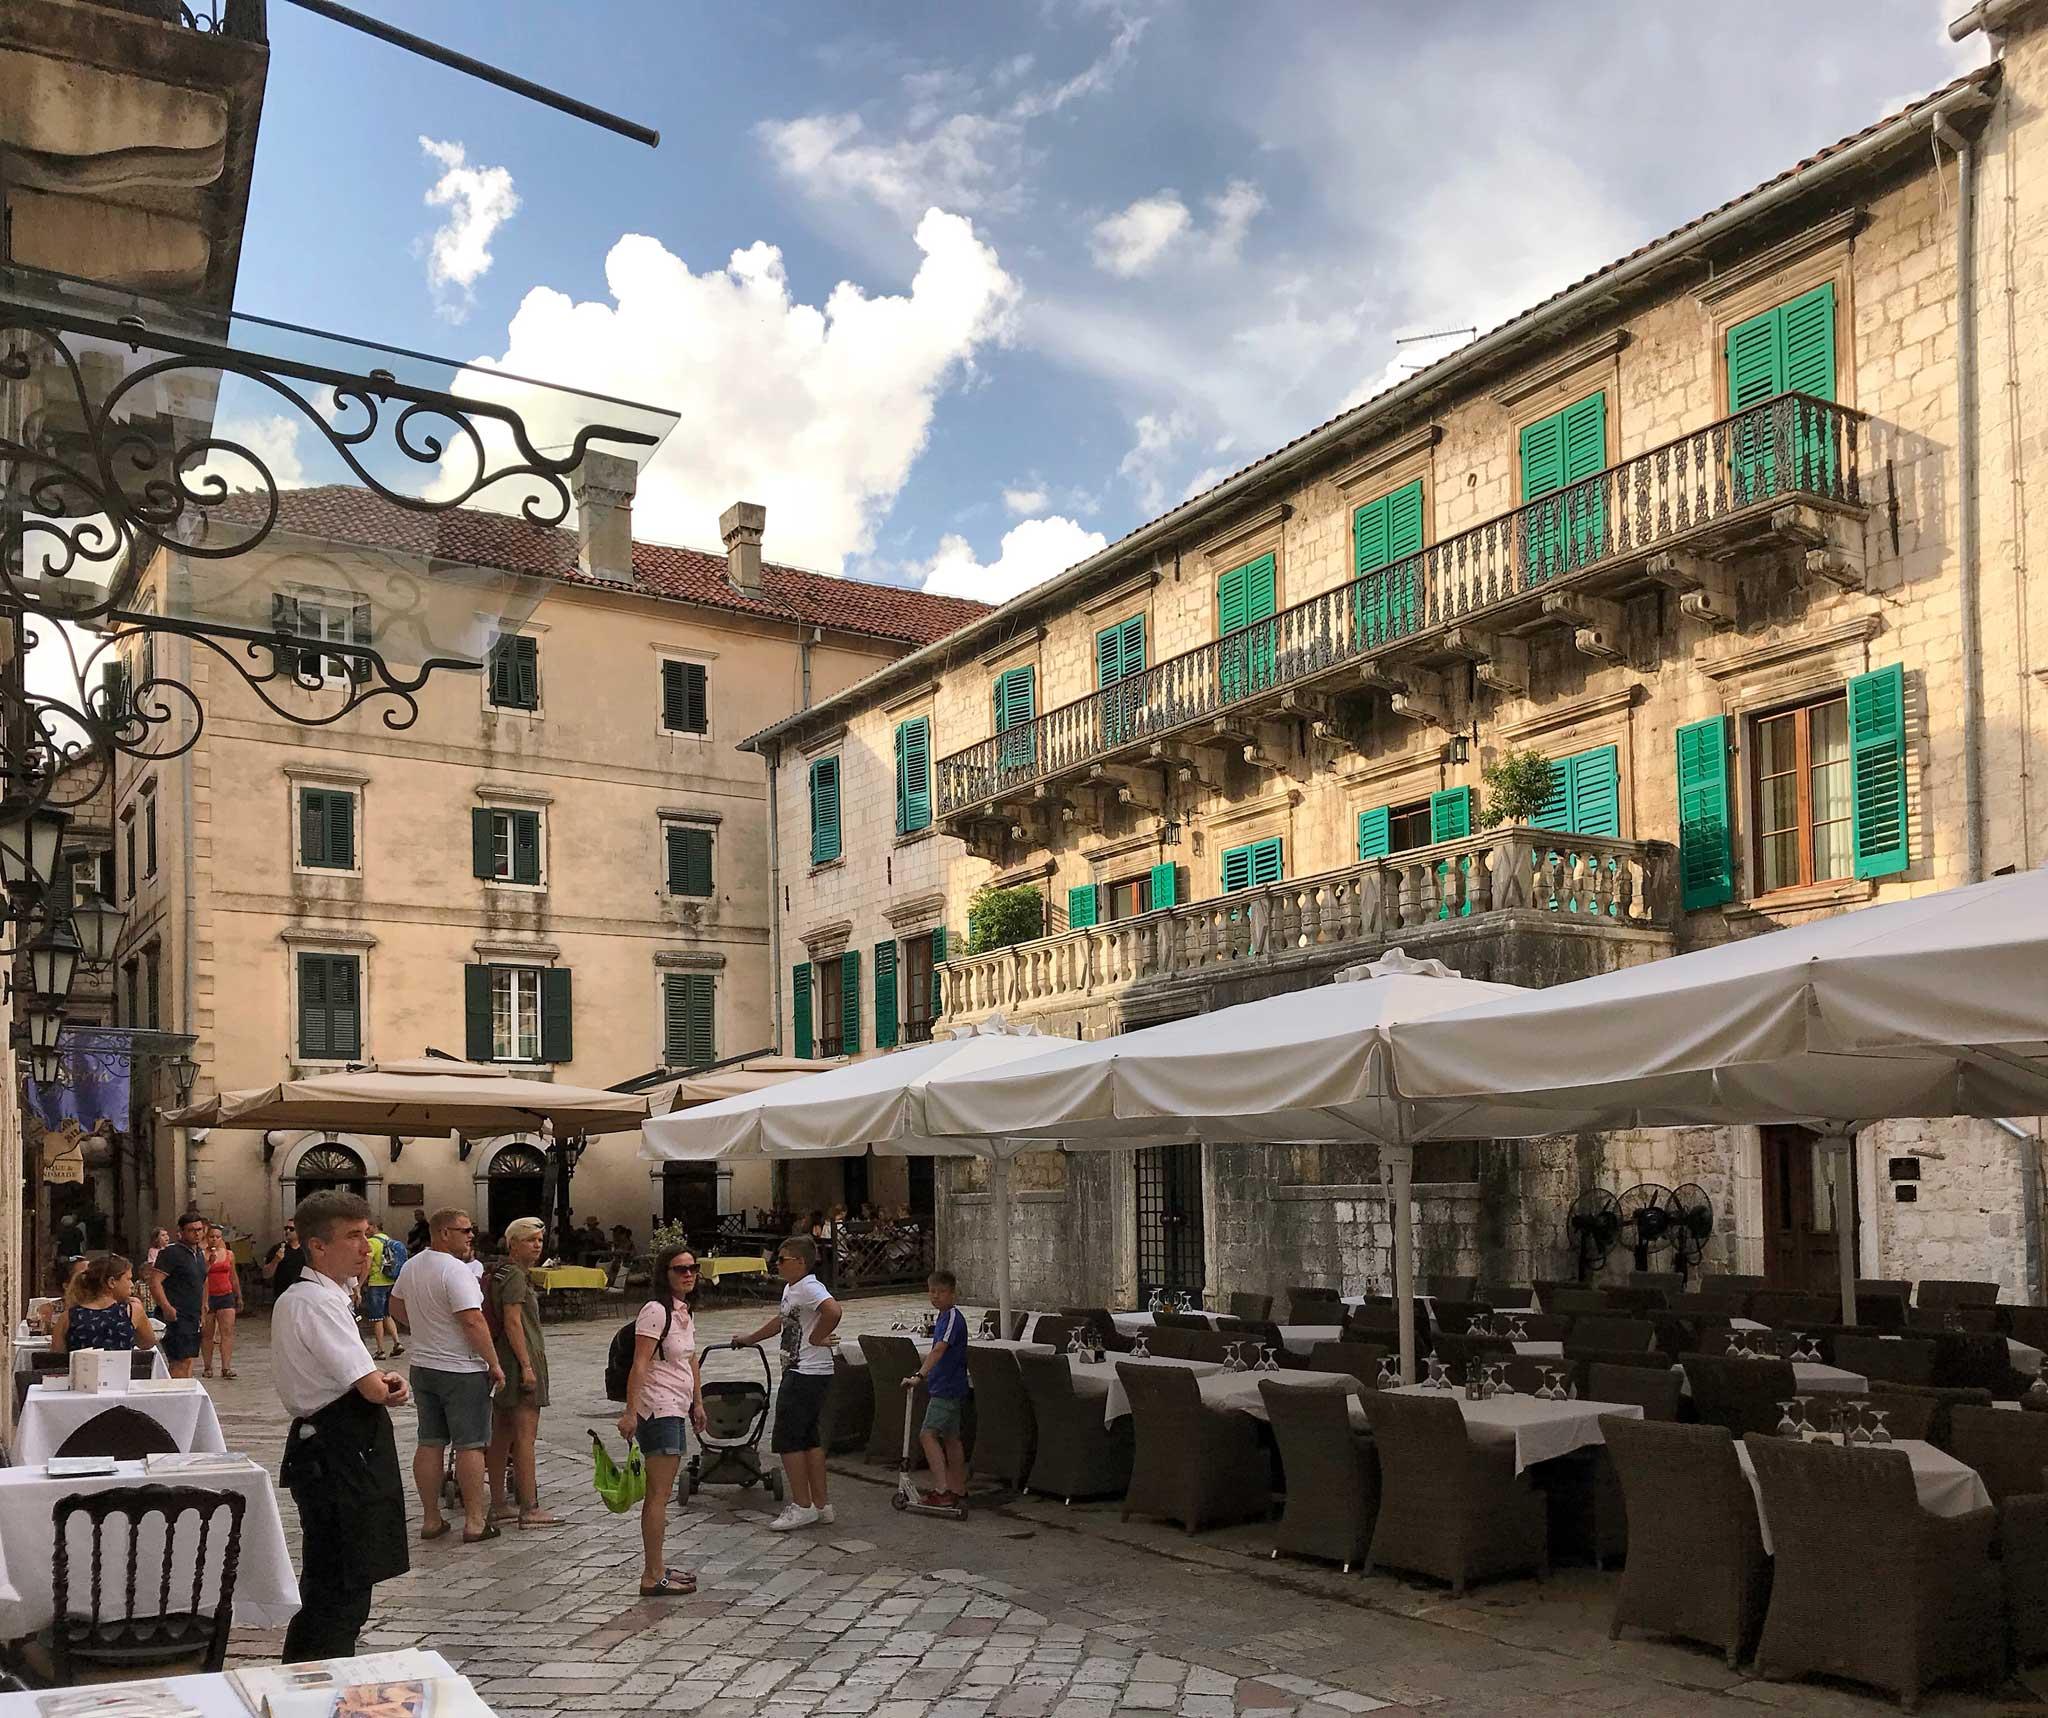 Kotor-Montenegro-Piazza-della-Farina-Trg-od-Brasna-Palazzo-Pima-finestre-tavoli